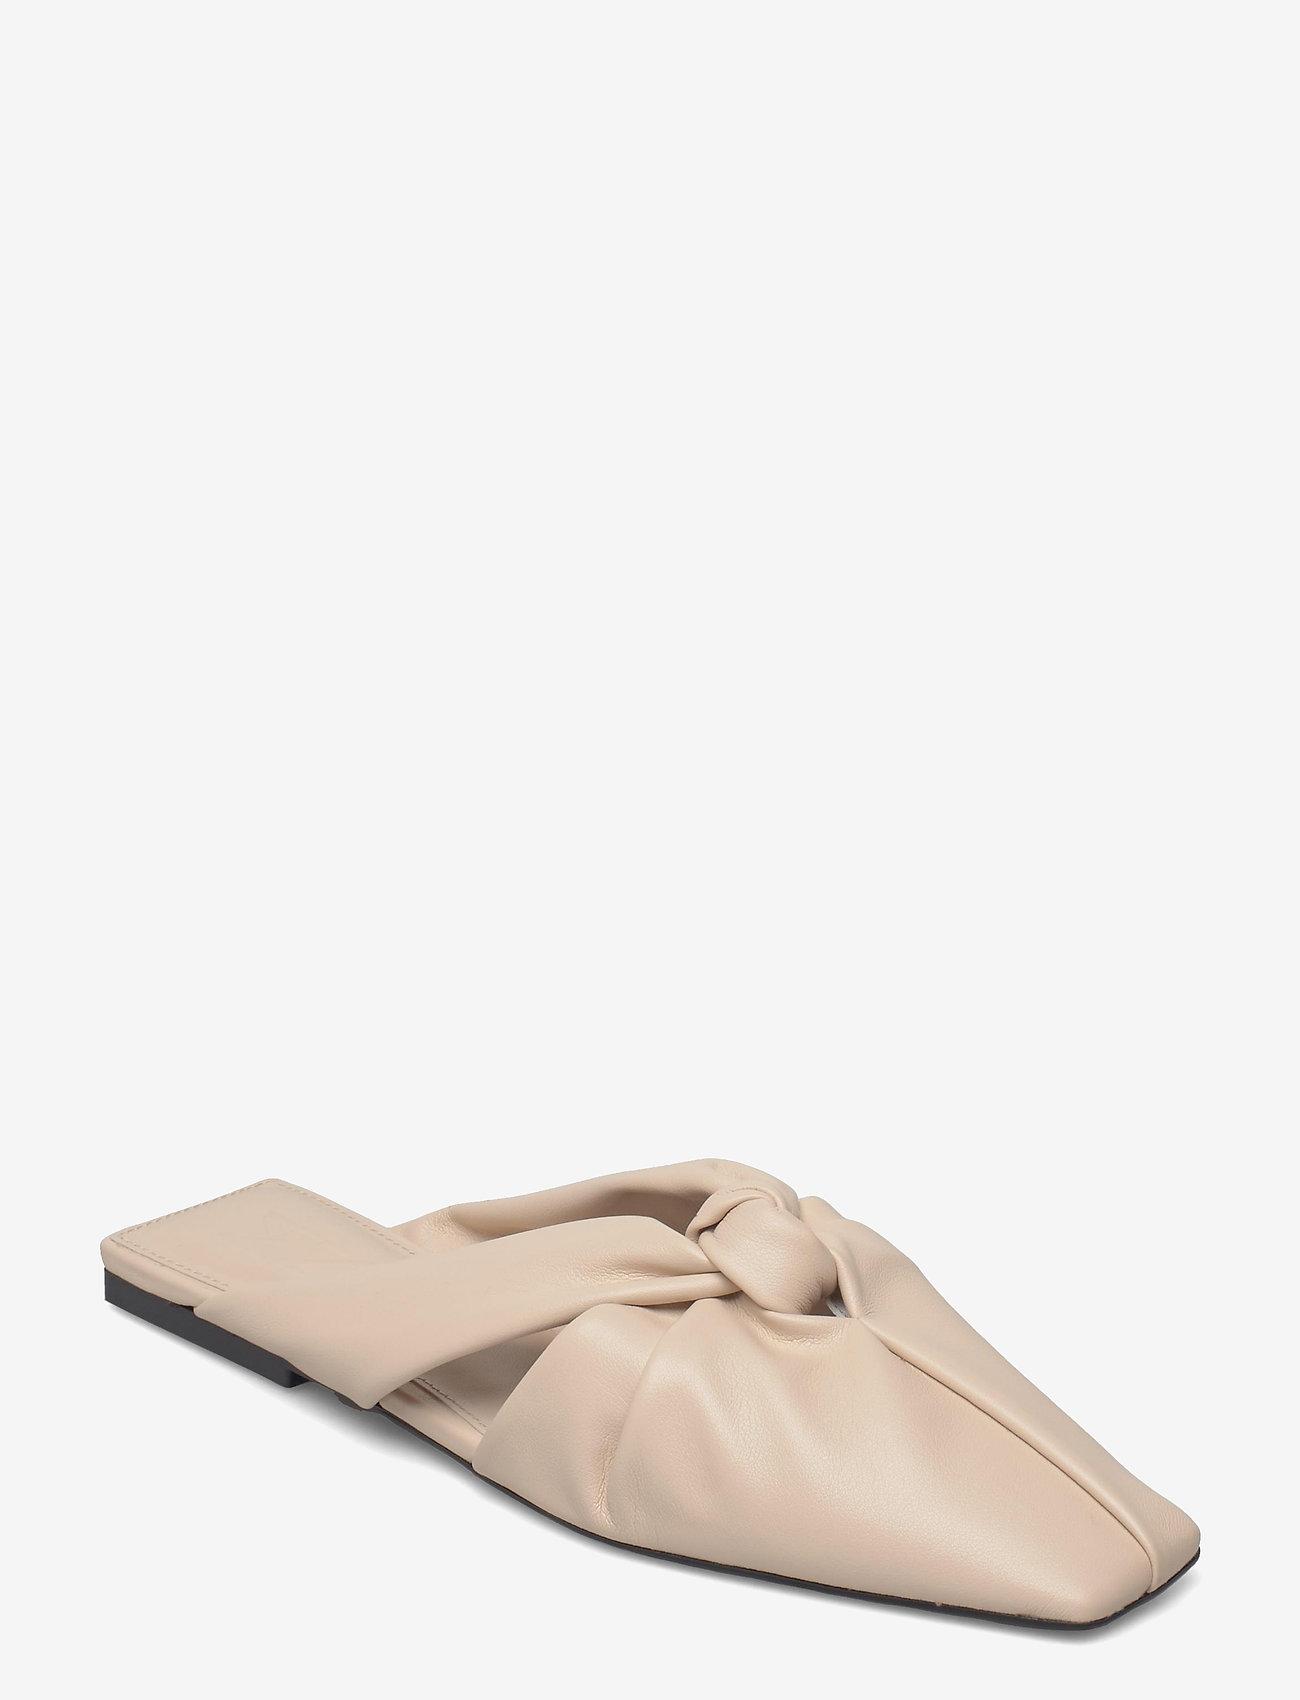 Mango - WENDY - mules & slipins - light beige - 1